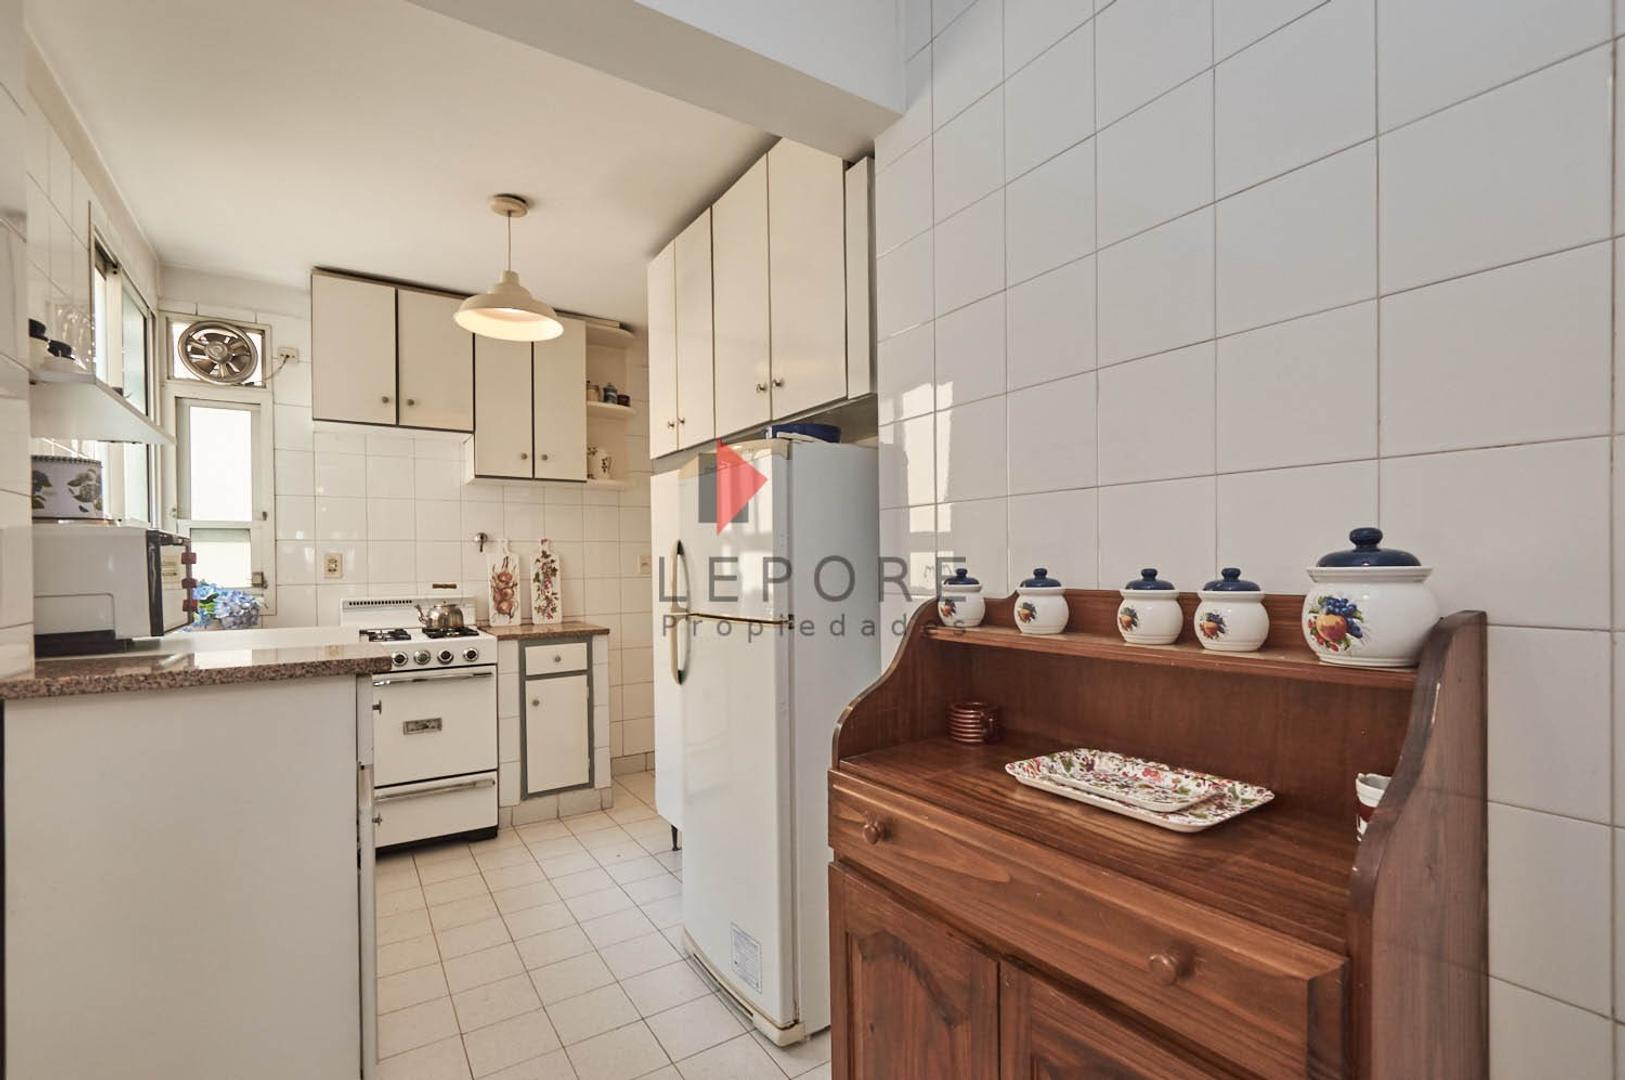 Departamento - 89 m² | 2 dormitorios | 55 años